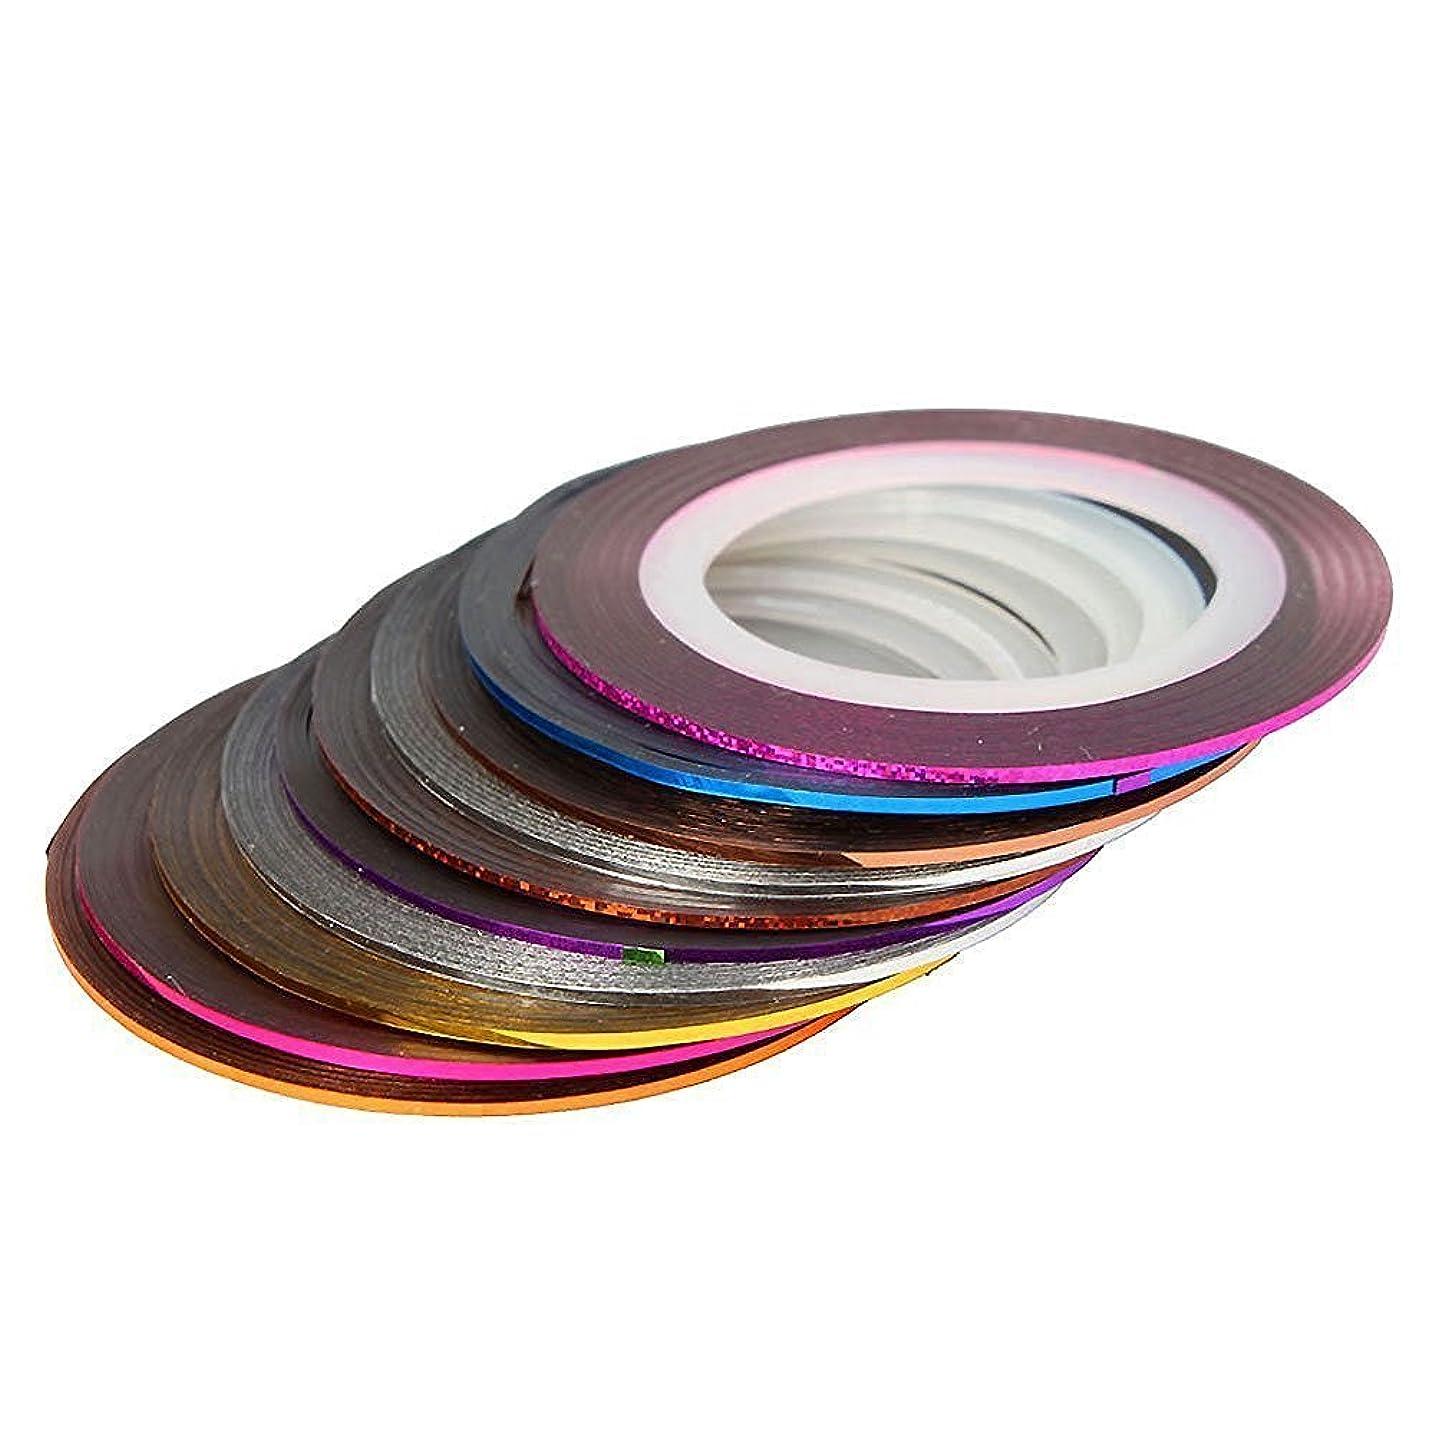 近代化するステーキ悪化させるVi.yo ラインテープ ネイルデザインテープ ネイルアート用 DIYネイルチップ用 自己粘着性 30色 カラーネイルアートセット